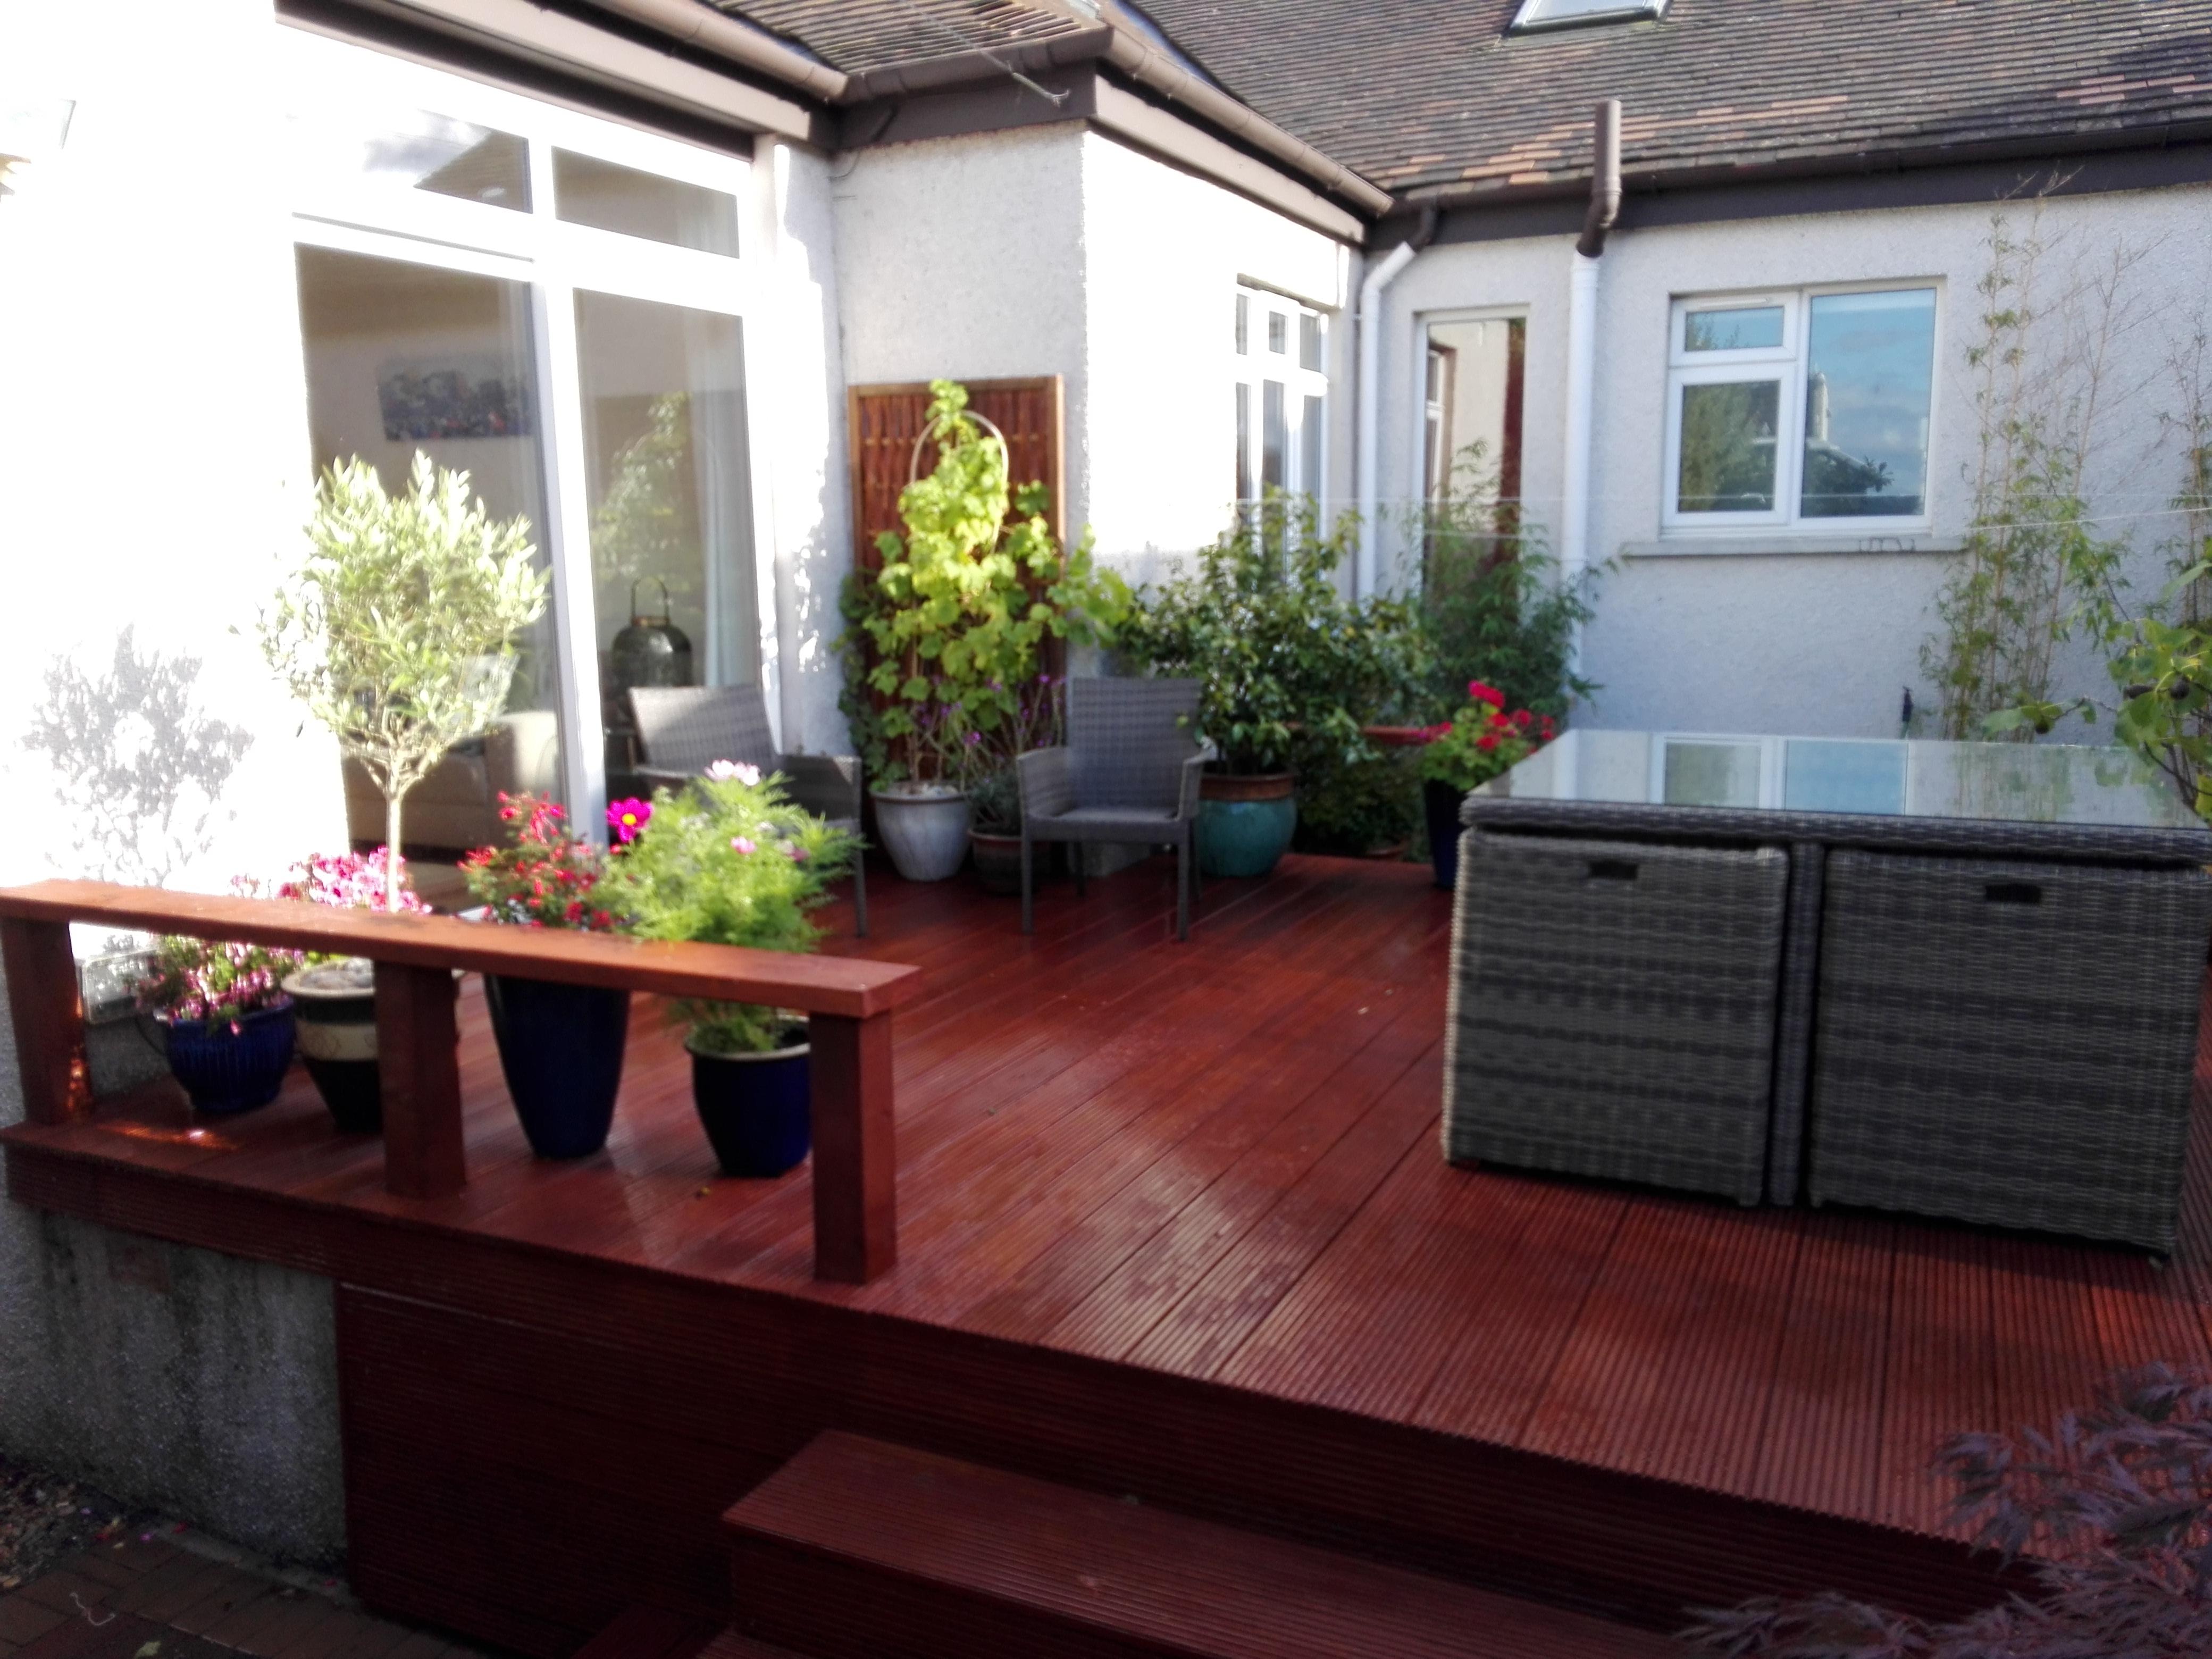 Landscape gardeners edinburgh hardwood deck ing the for Garden decking edinburgh